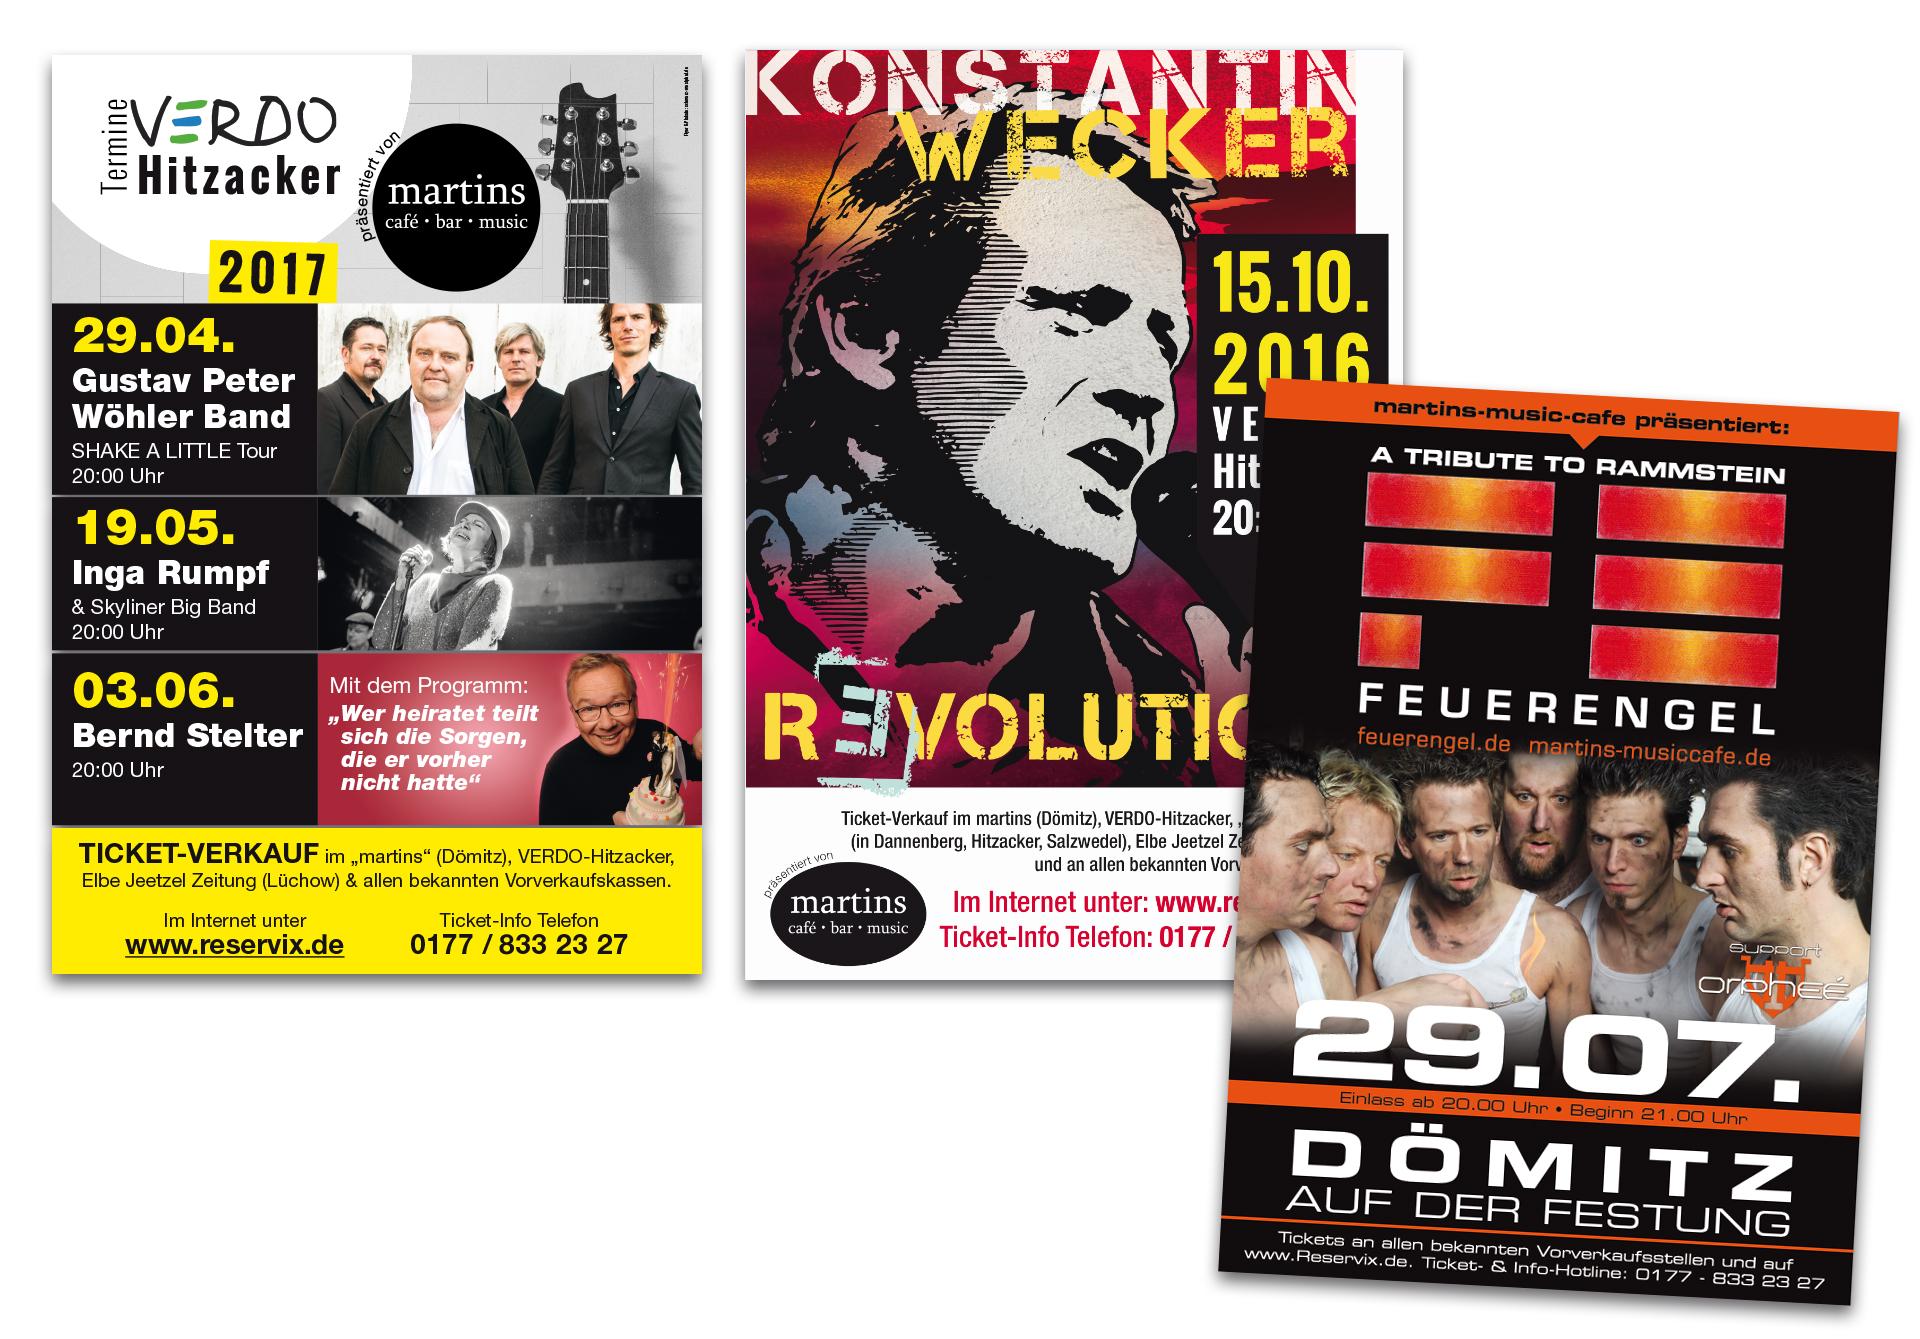 """Plakate für """"martins"""" Veranstaltungen - designt und produziert von der Werbeagentur SchwarzWestphal in Dömitz"""